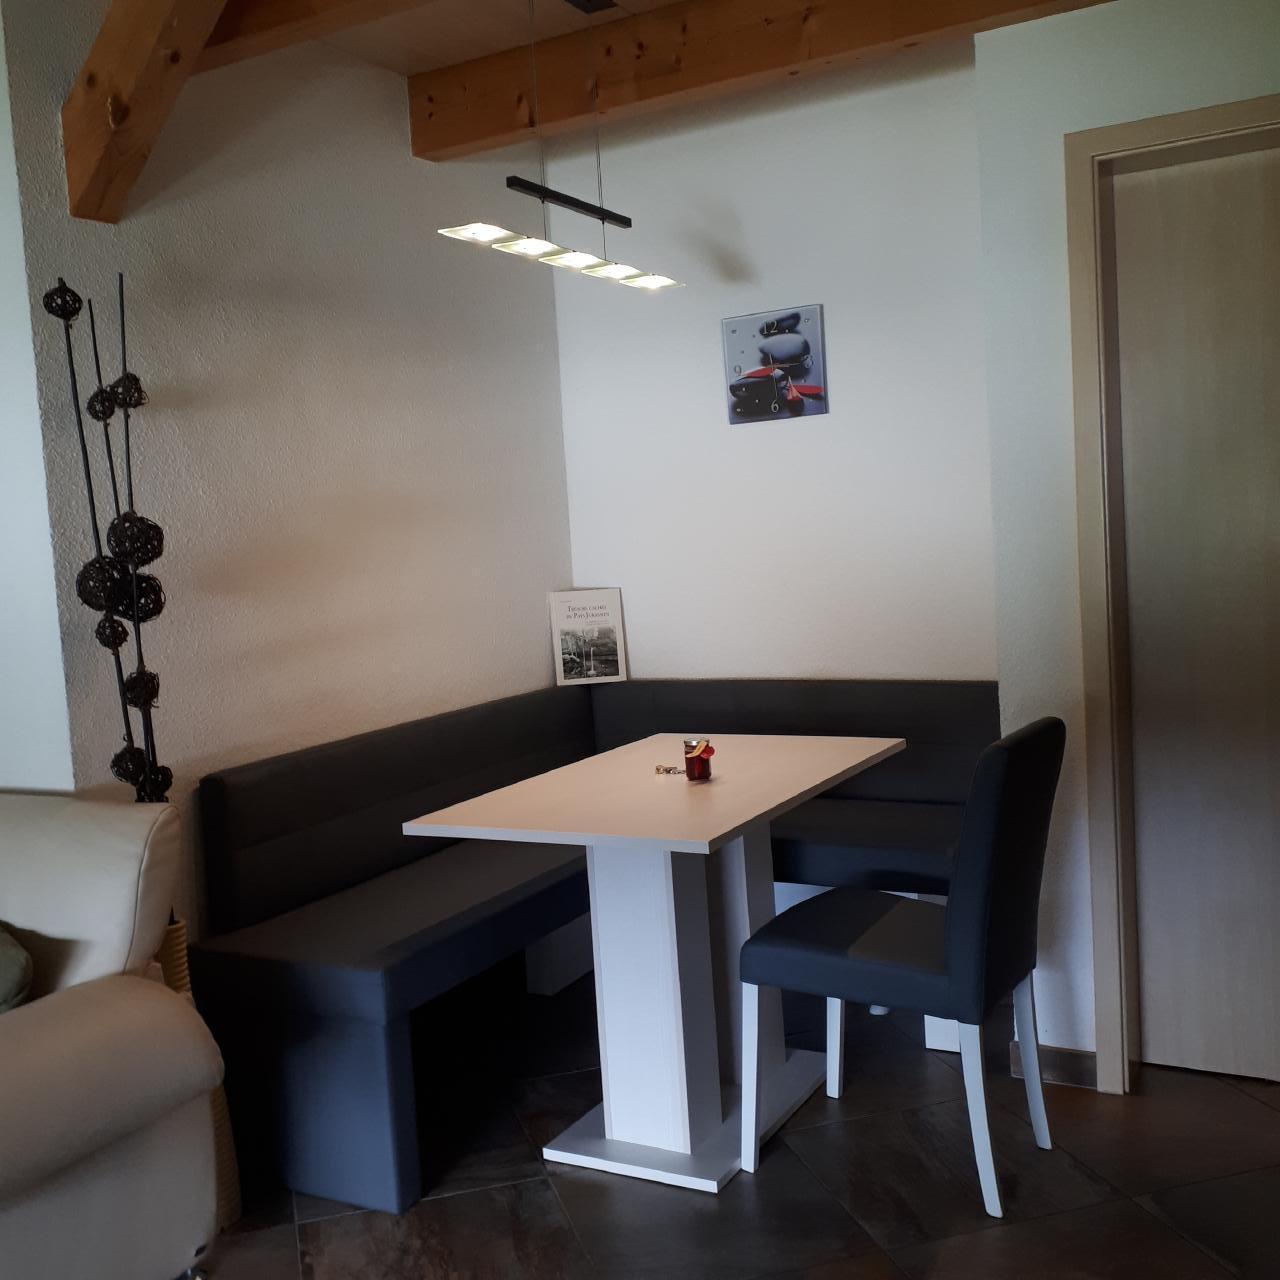 Ferienwohnung schöner Aufenthalt (637693), Les Emibois, , Jura - Neuenburg, Schweiz, Bild 3